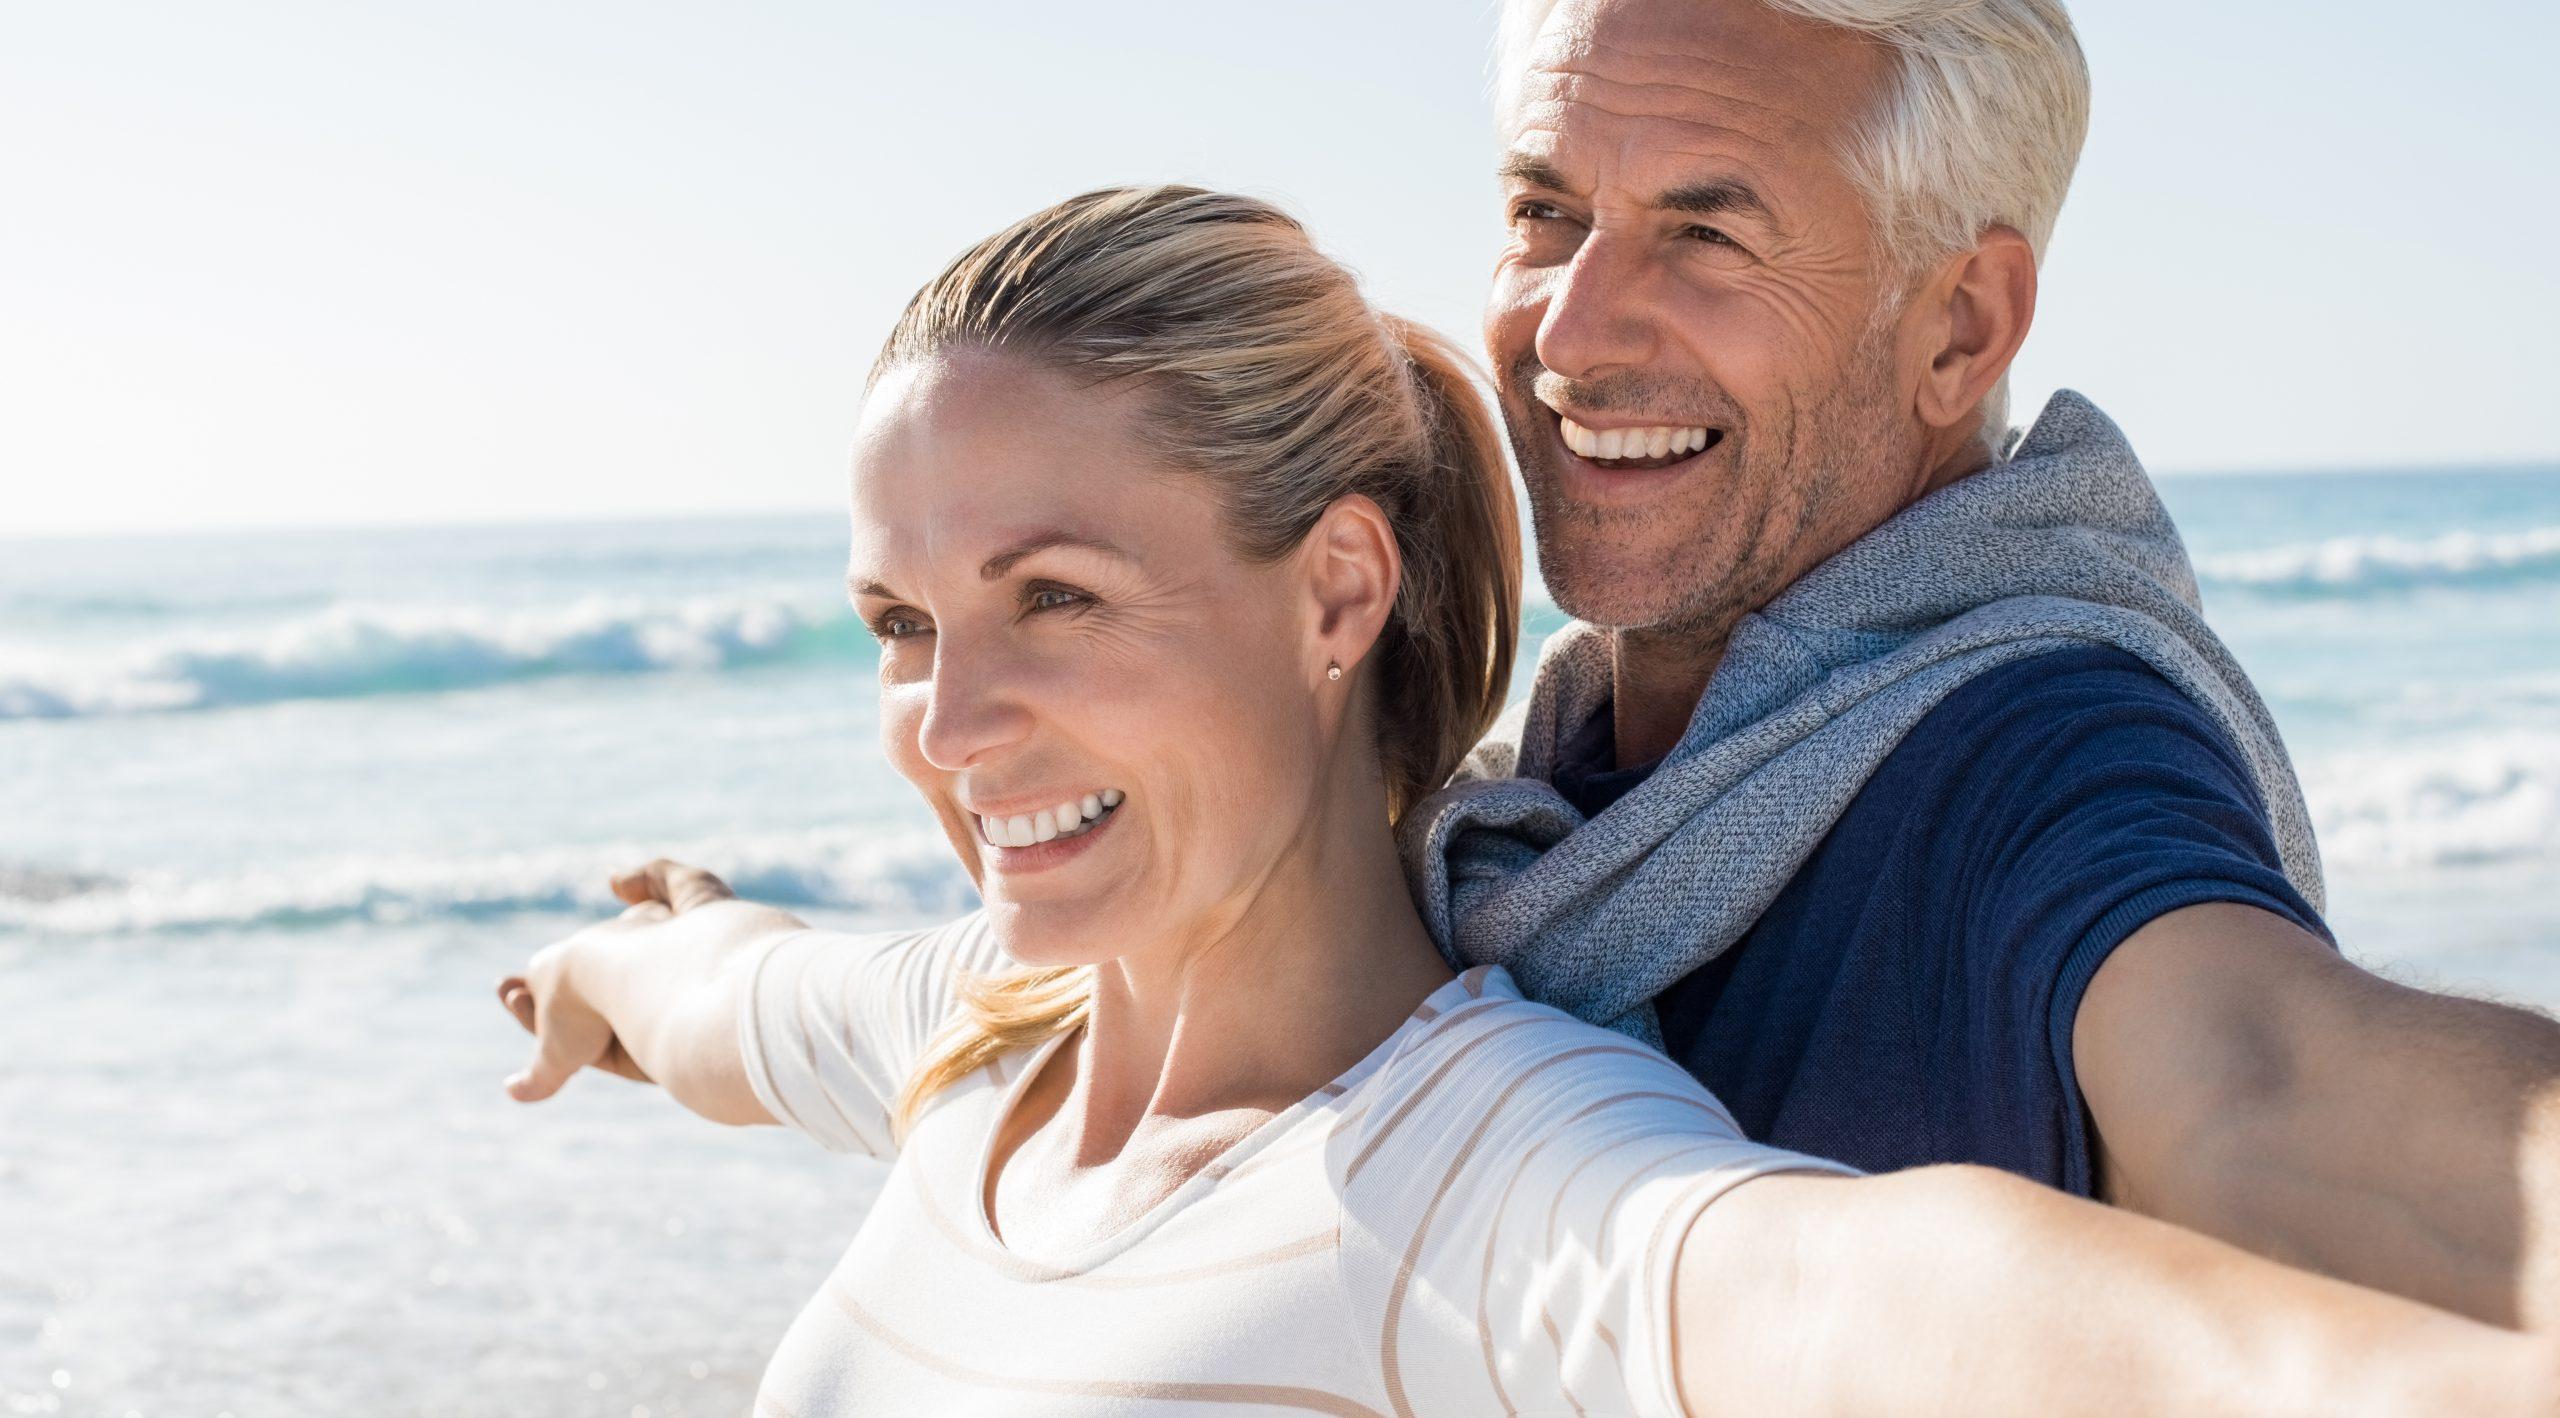 Gesetzliche Rente wird angepasst – zusätzliche Altersvorsorge notwendig